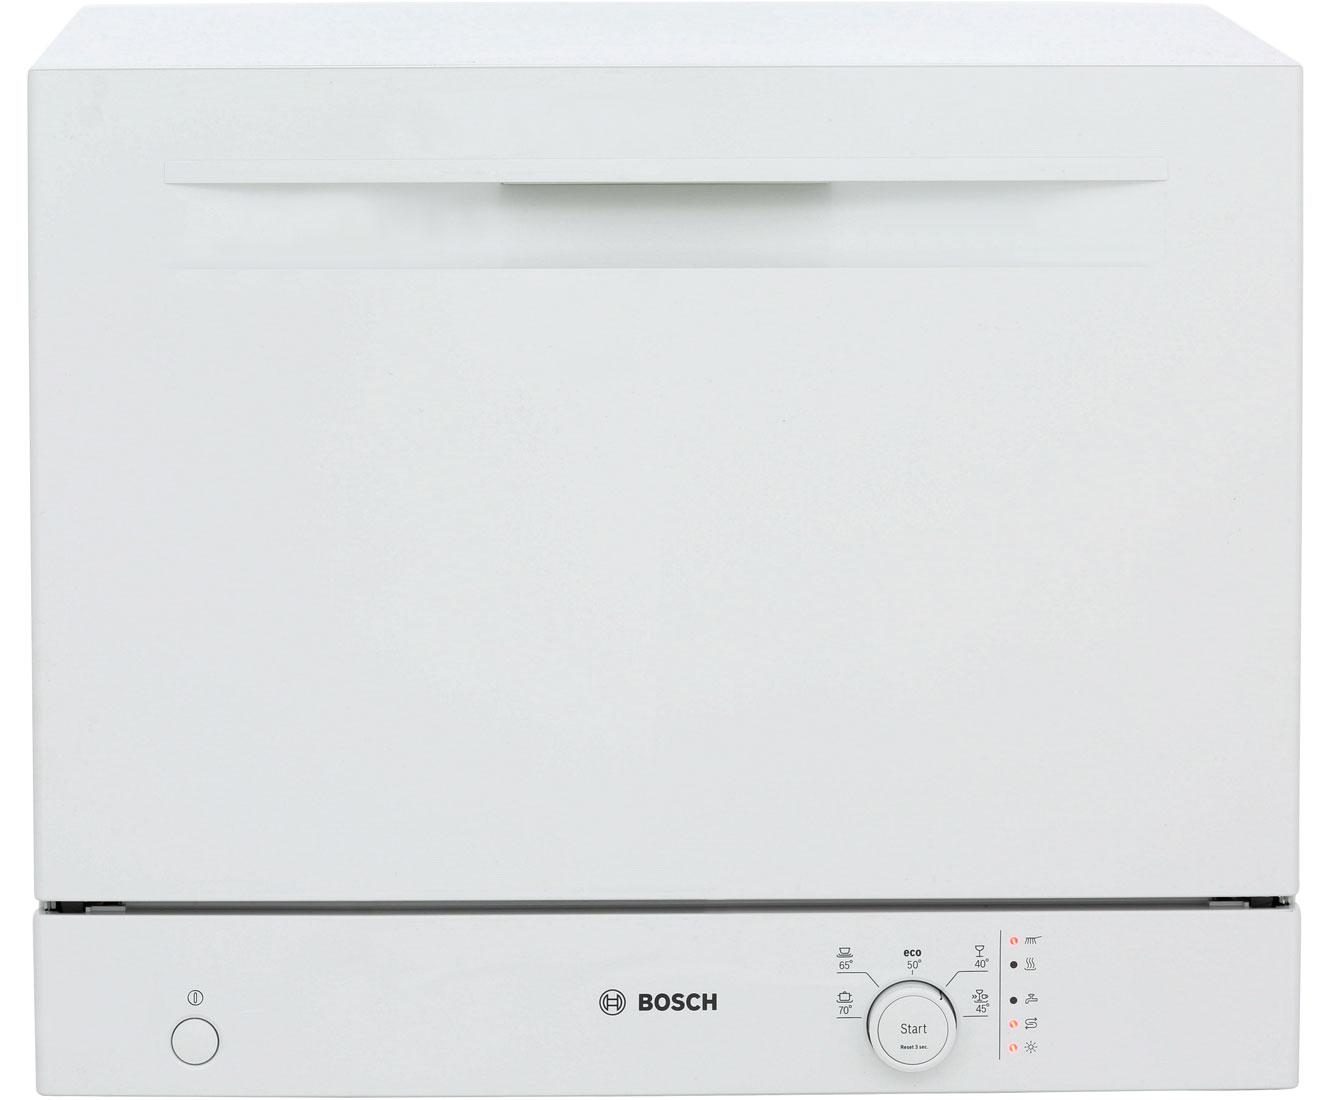 Bosch Serie 2 SKS50E32EU Tisch-Geschirrspüler - Weiß